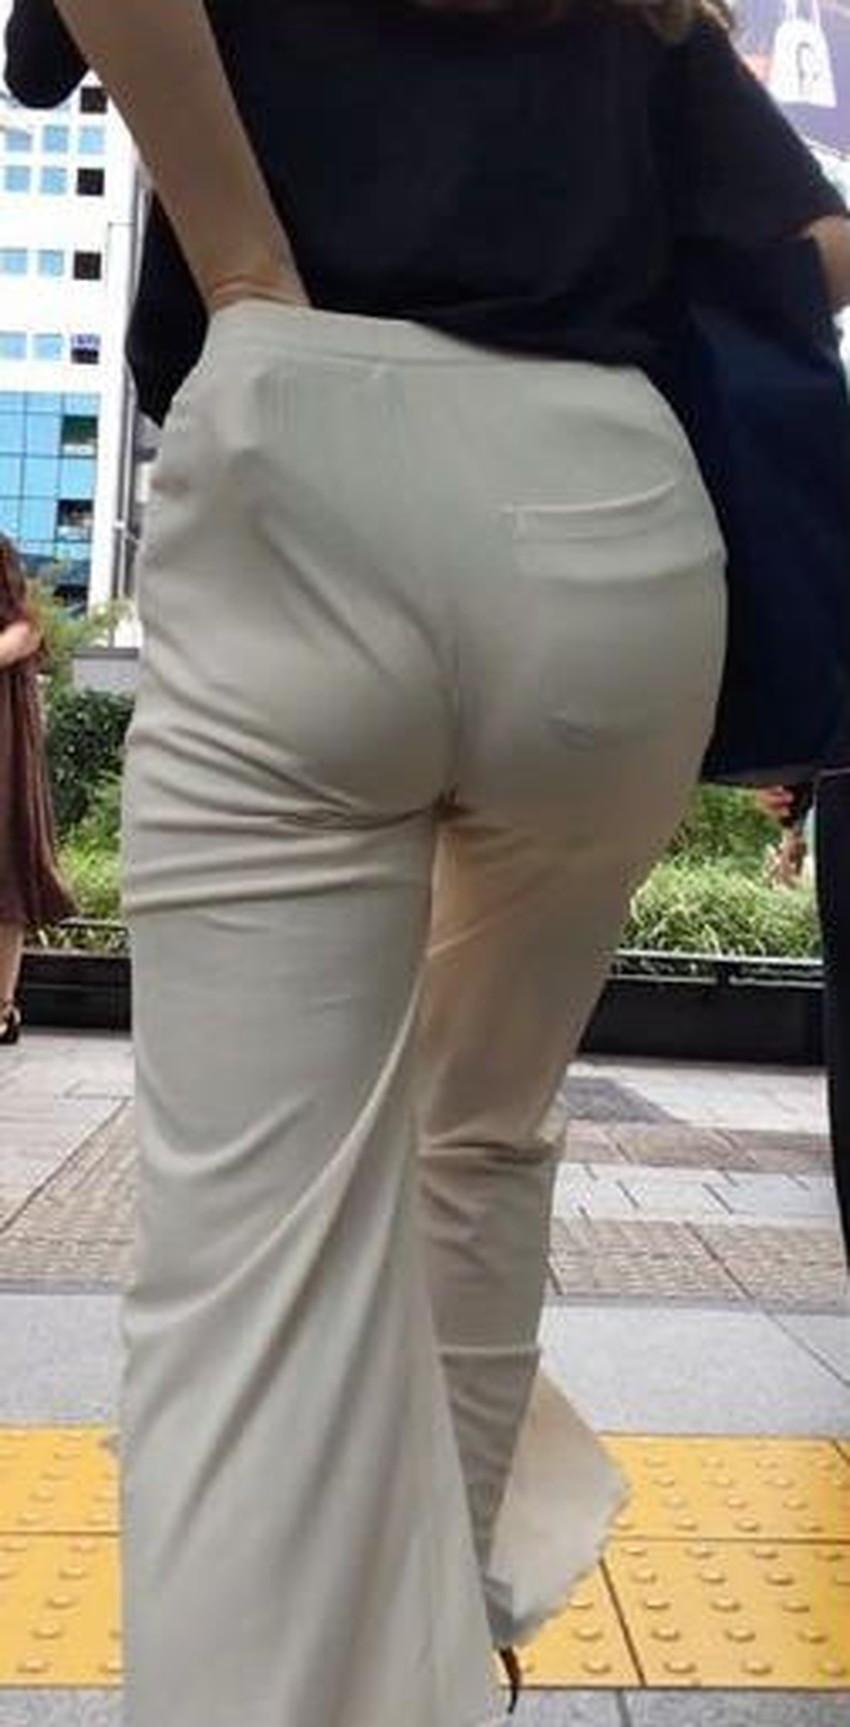 【パンツ食い込み直しエロ画像】街中でミニスカギャルや制服JKがパンツの食い込みを直す瞬間を盗撮したったパンツ食い込み直しのエロ画像集!ww【80枚】 70